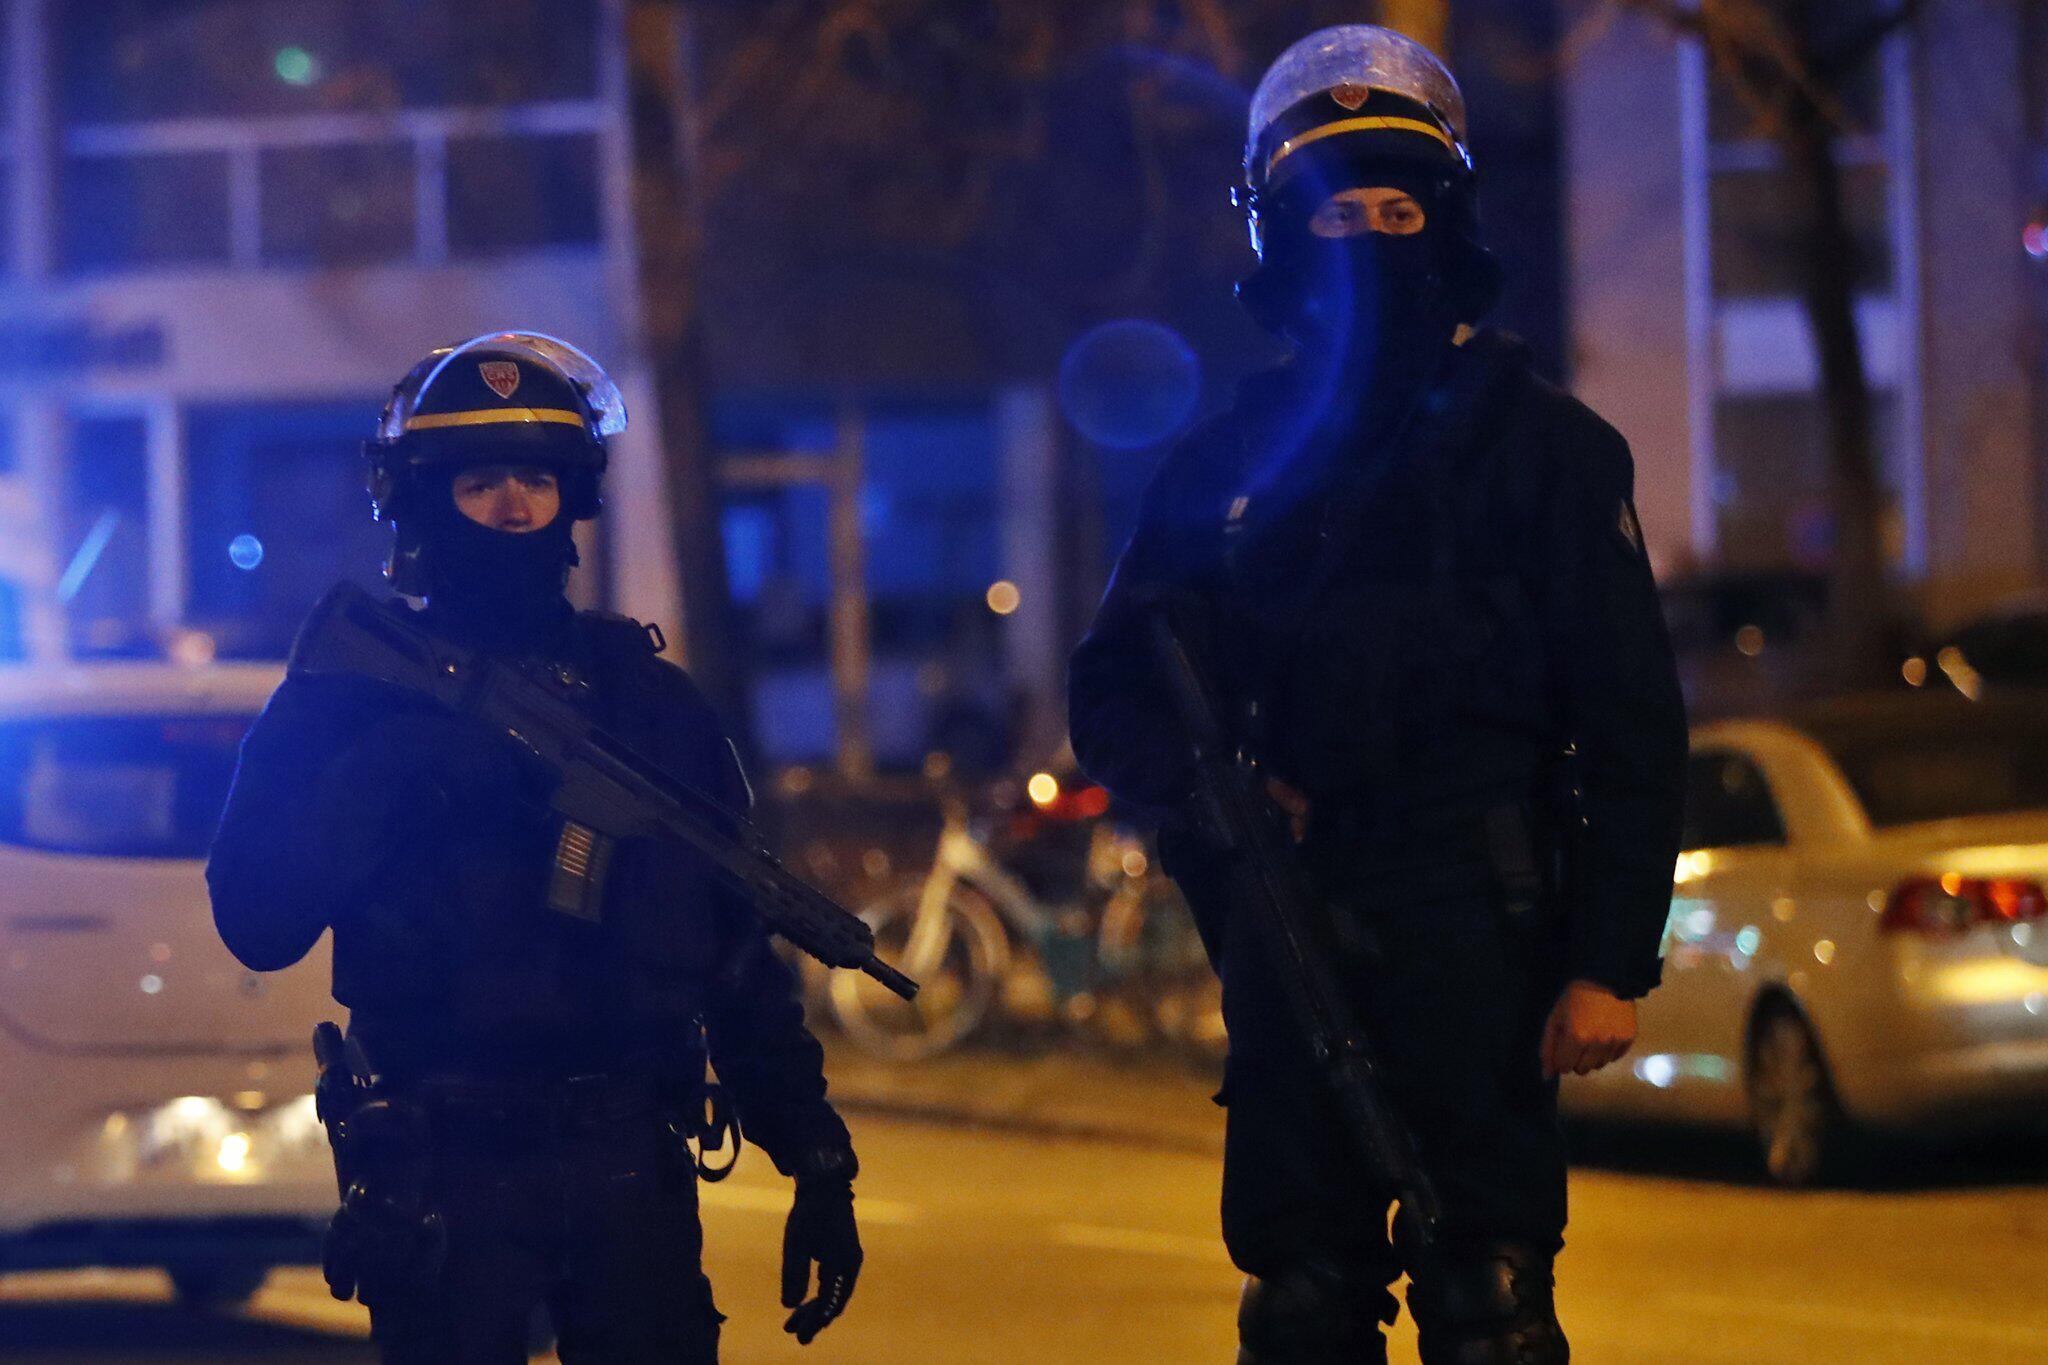 Bild zu Chérif Chekatt, Anschlag, Strassburg, Terroranschlag, Terrorist, Tod, Polizei, Attentäter